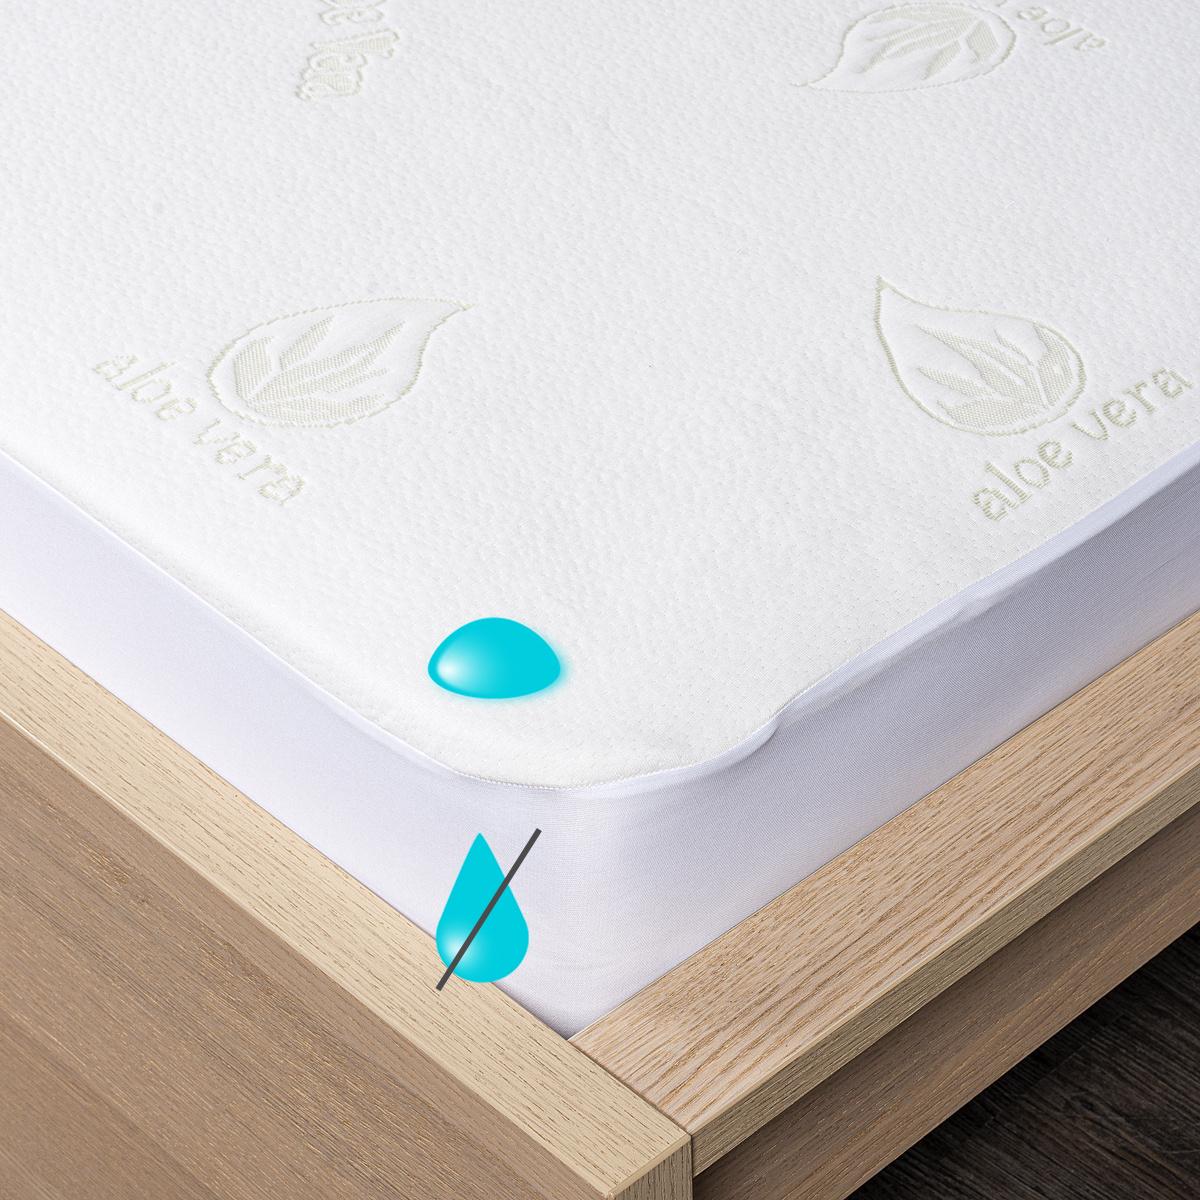 Protecție saltea 4Home Aloe Vera impermeabilă cu bordură, 60 x 120 cm + 15 cm imagine 2021 e4home.ro